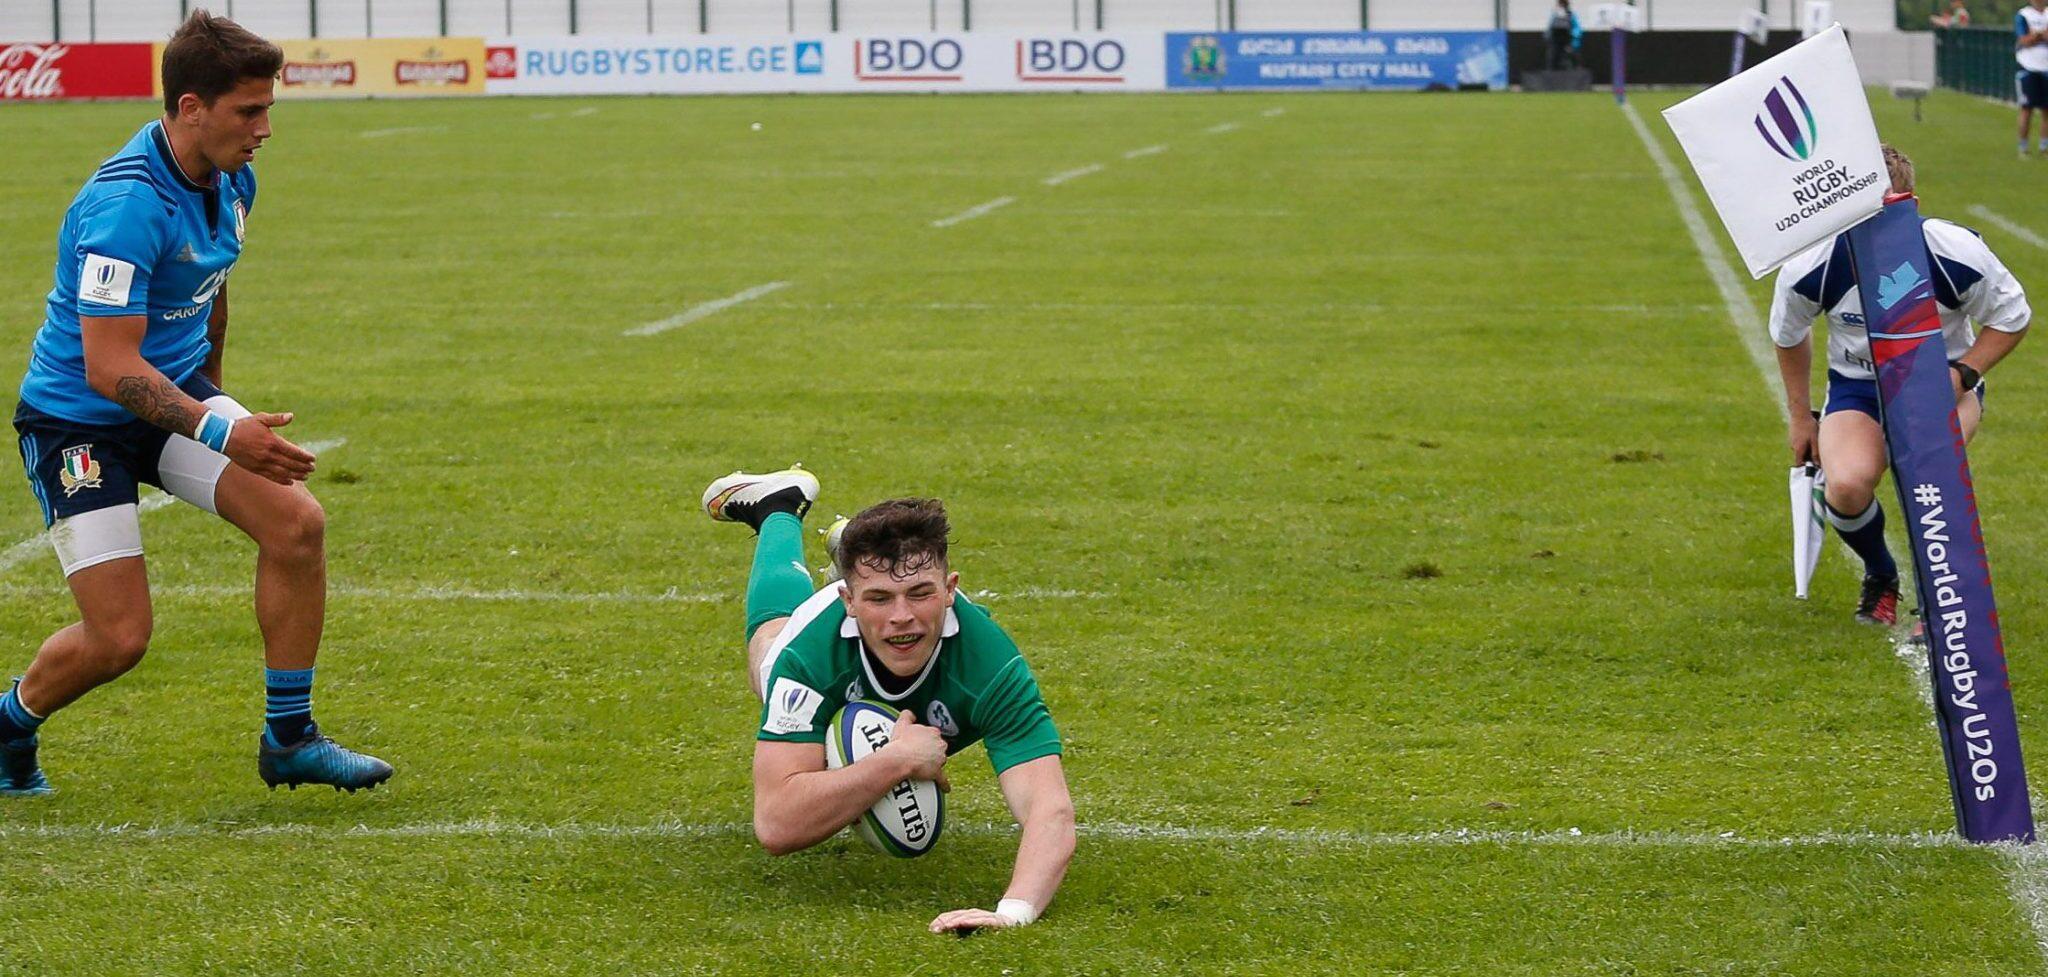 U20 Championship: Ireland struggle after slow start